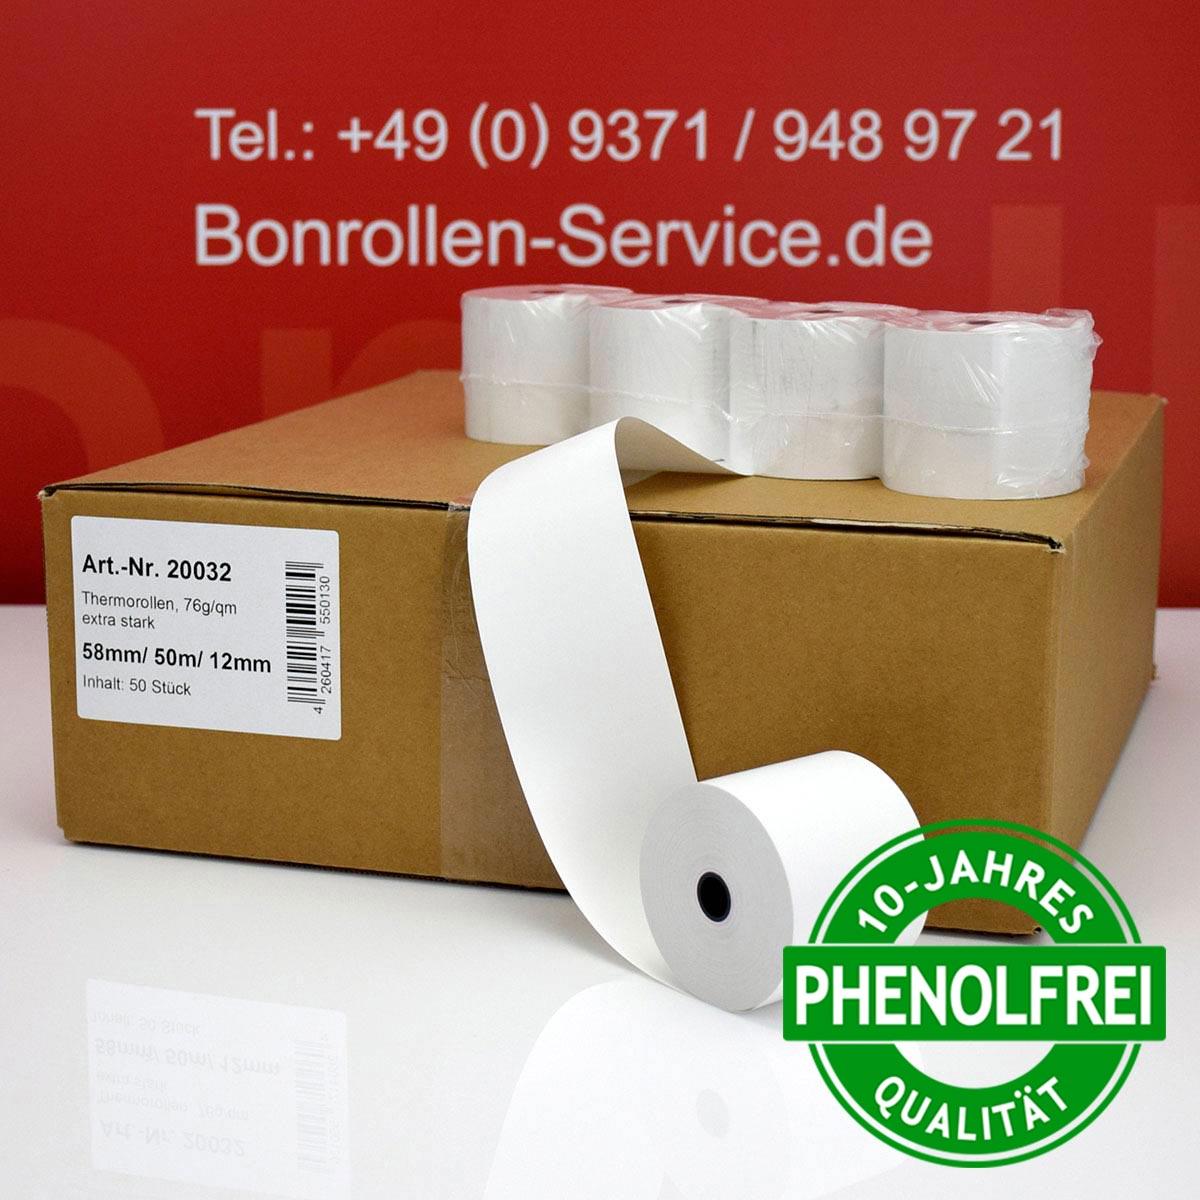 Thermorollen 58 / 50m / 12 weiß mit extra-starkem Papier